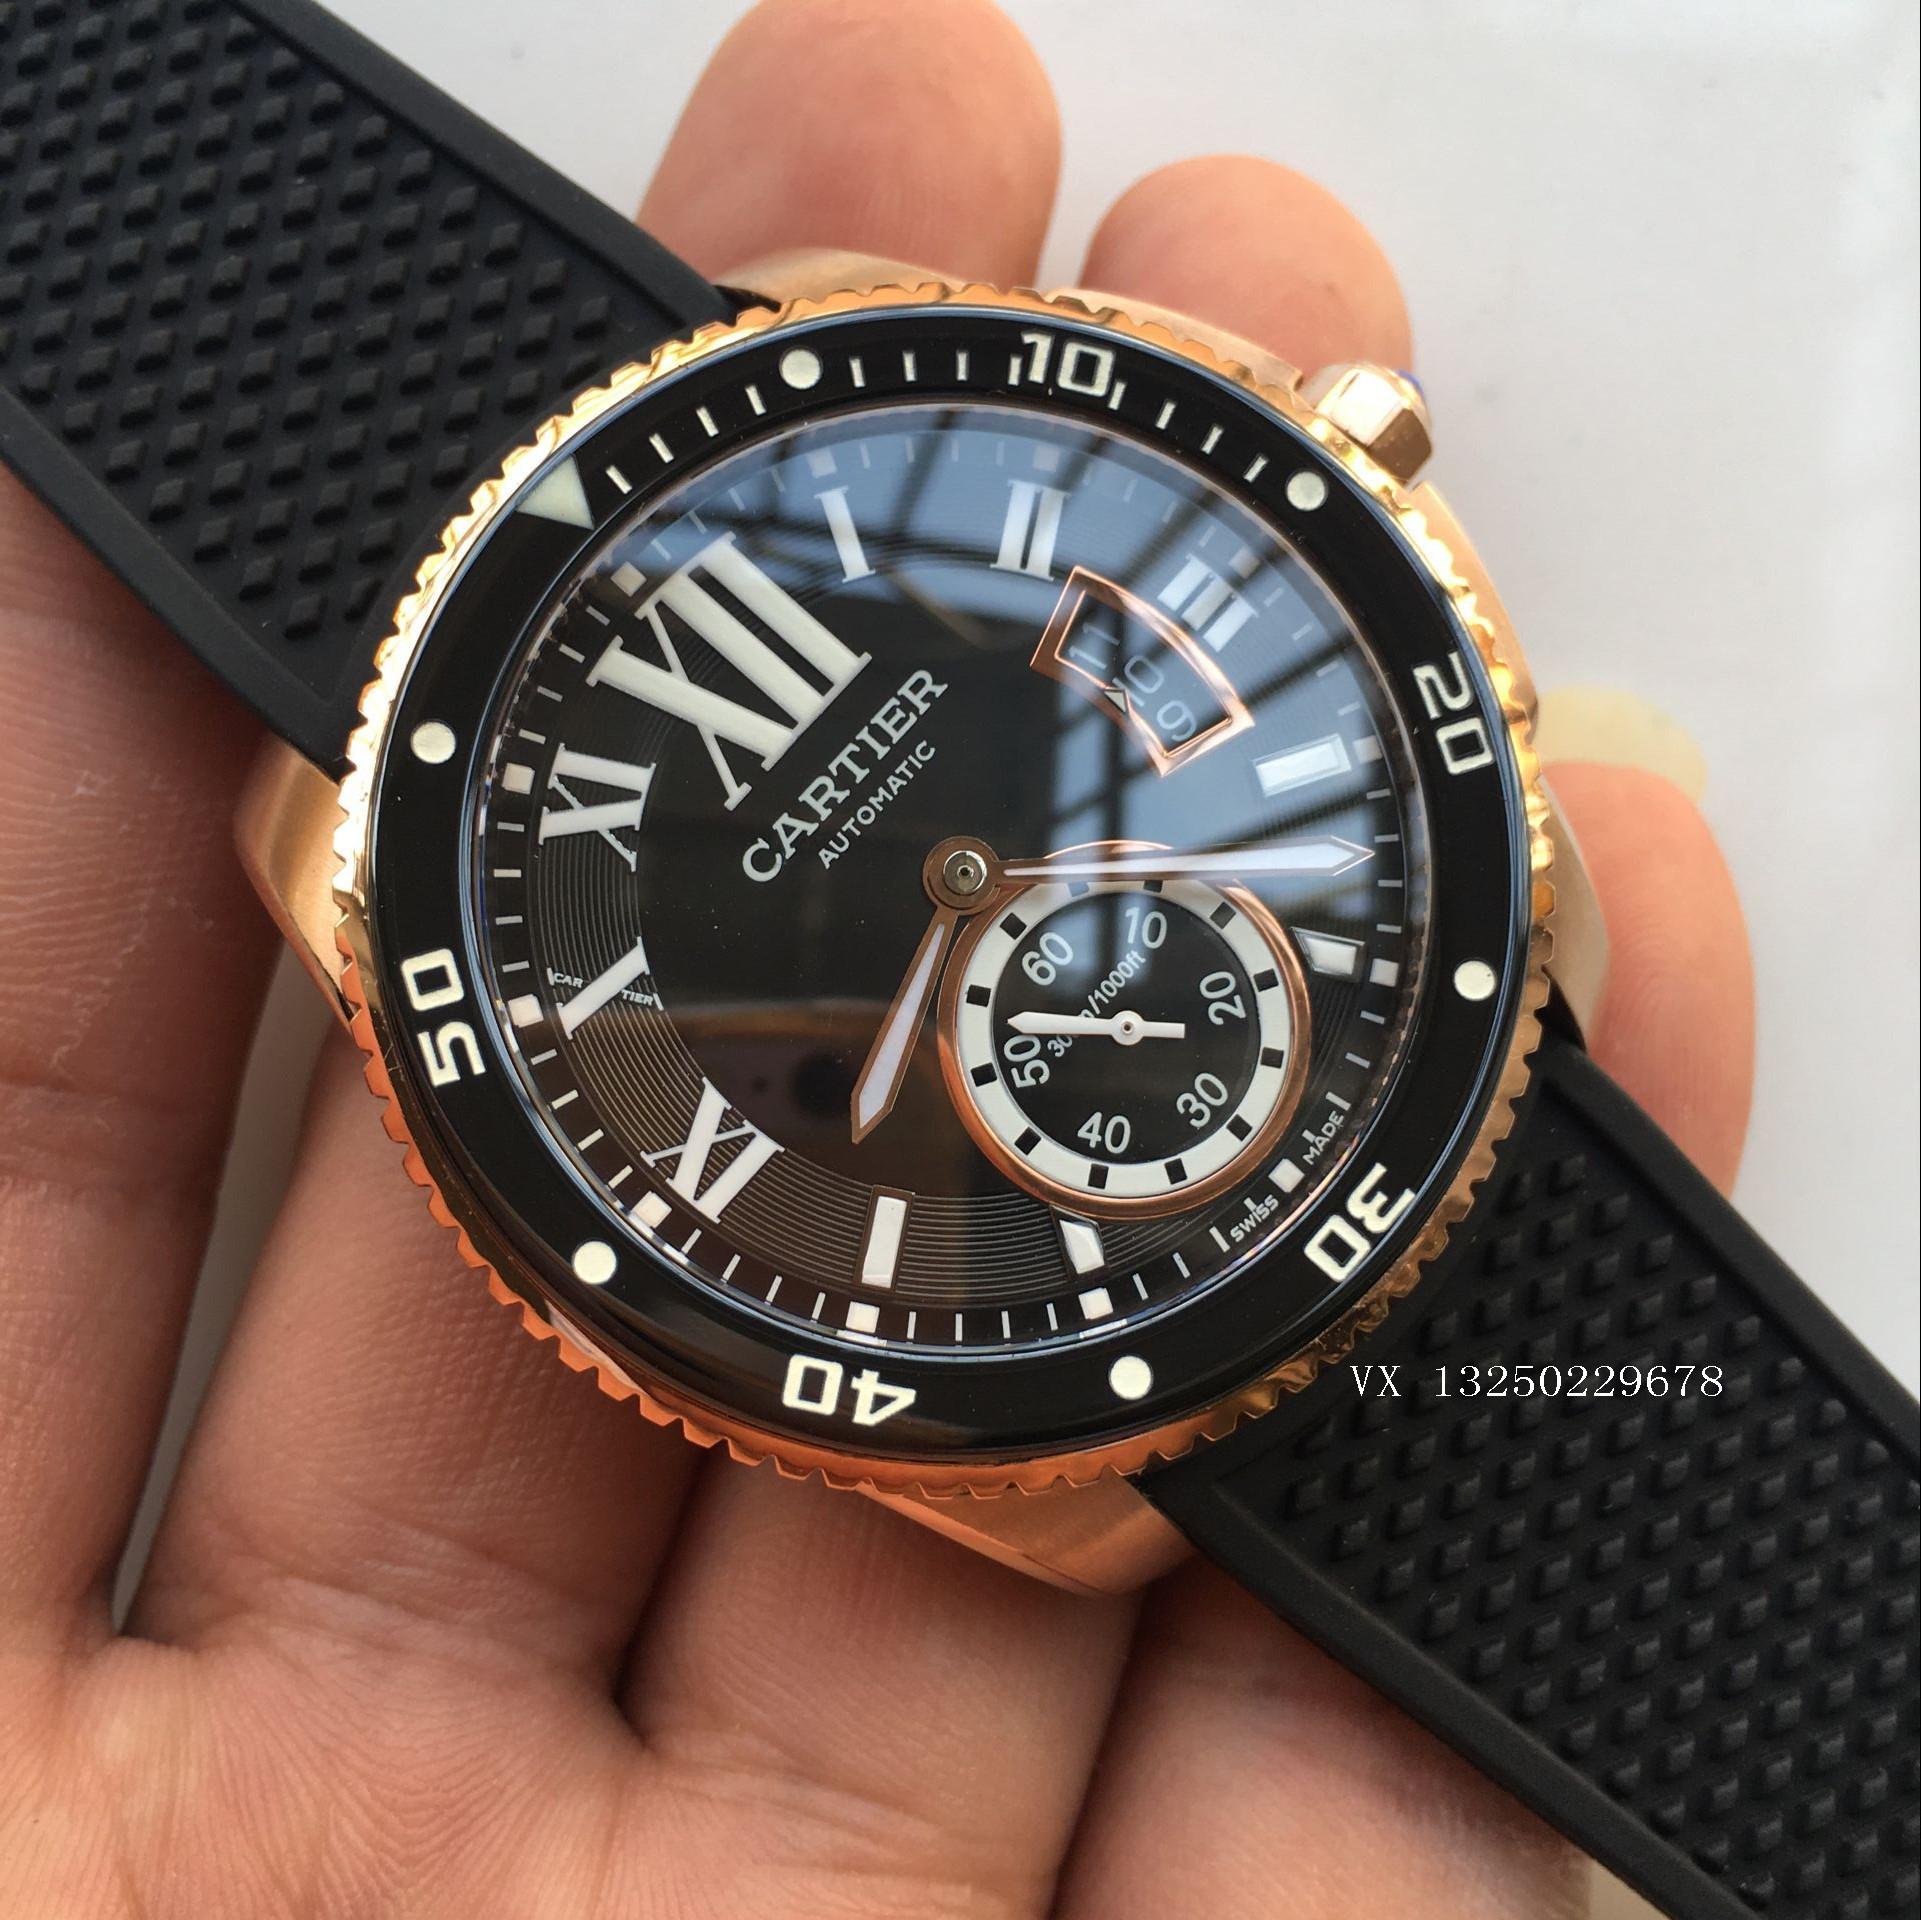 一比一精仿手表质量如何 看过卡地亚蓝气球系列自动机械手表你就知道了